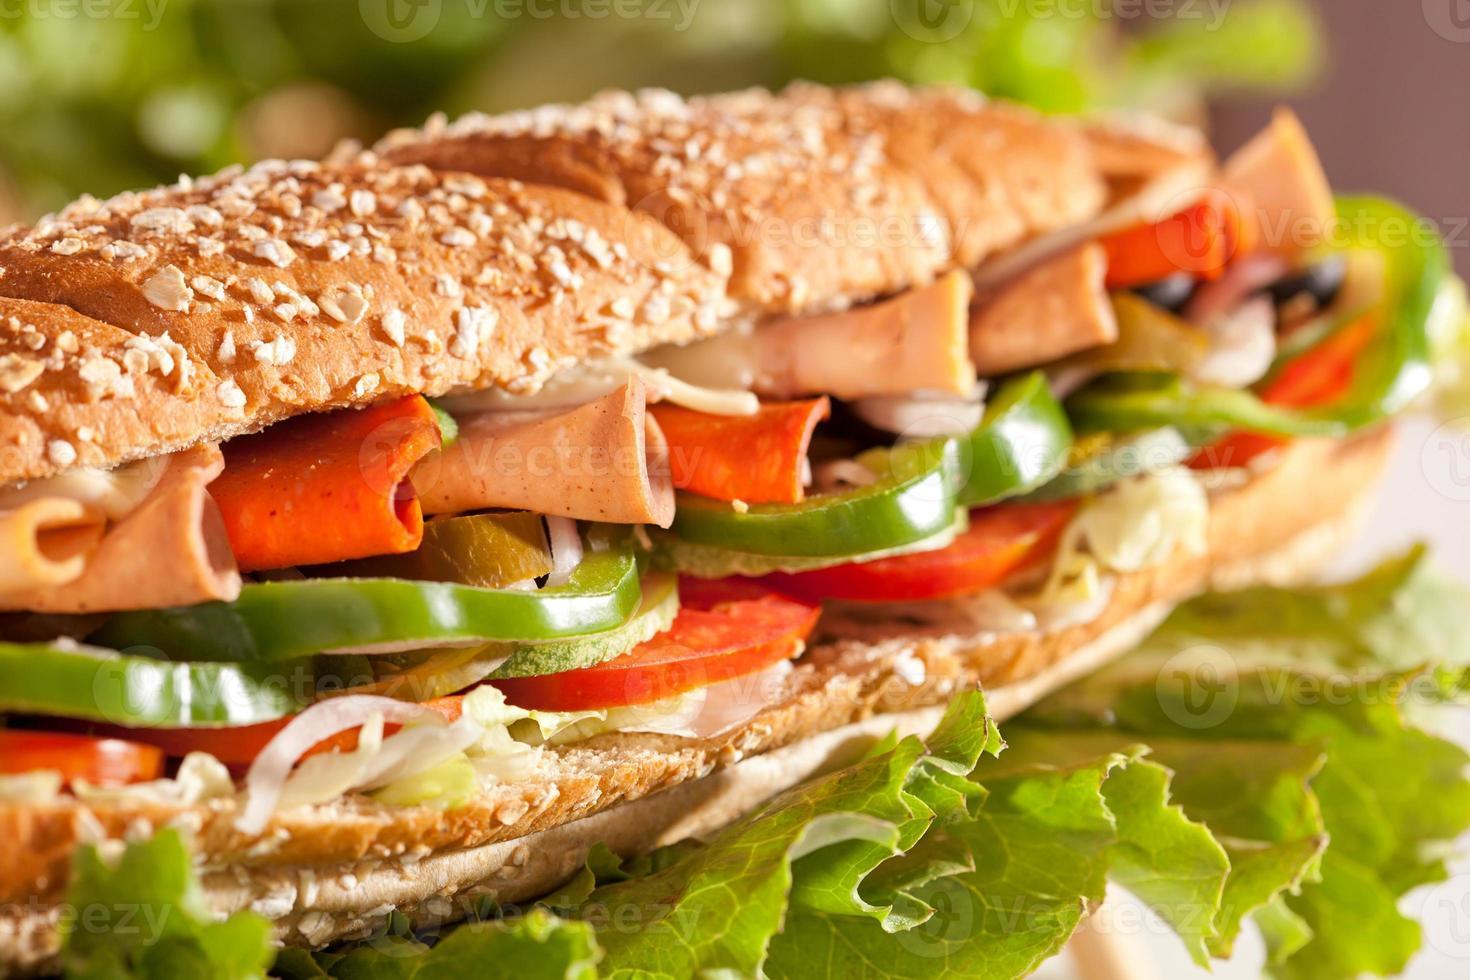 sandwich di pollo e tacchino con verdure foto